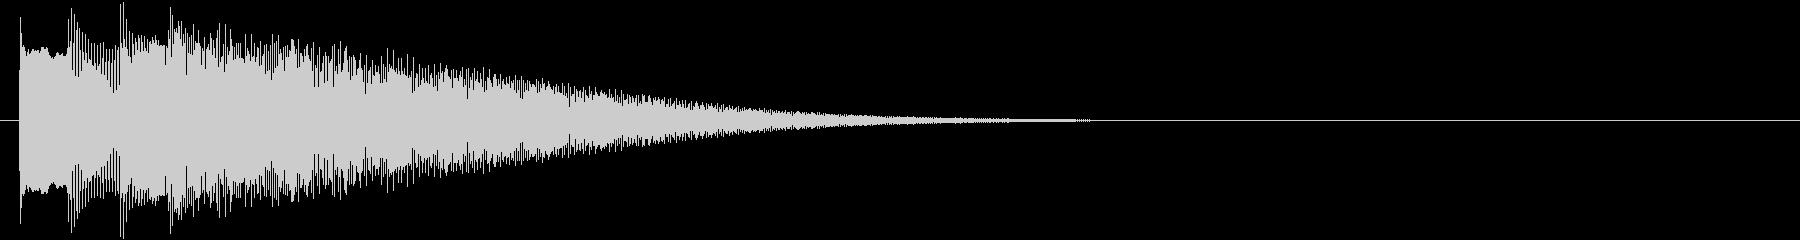 フレーズ系03 文字、スーパー表示(小)の未再生の波形